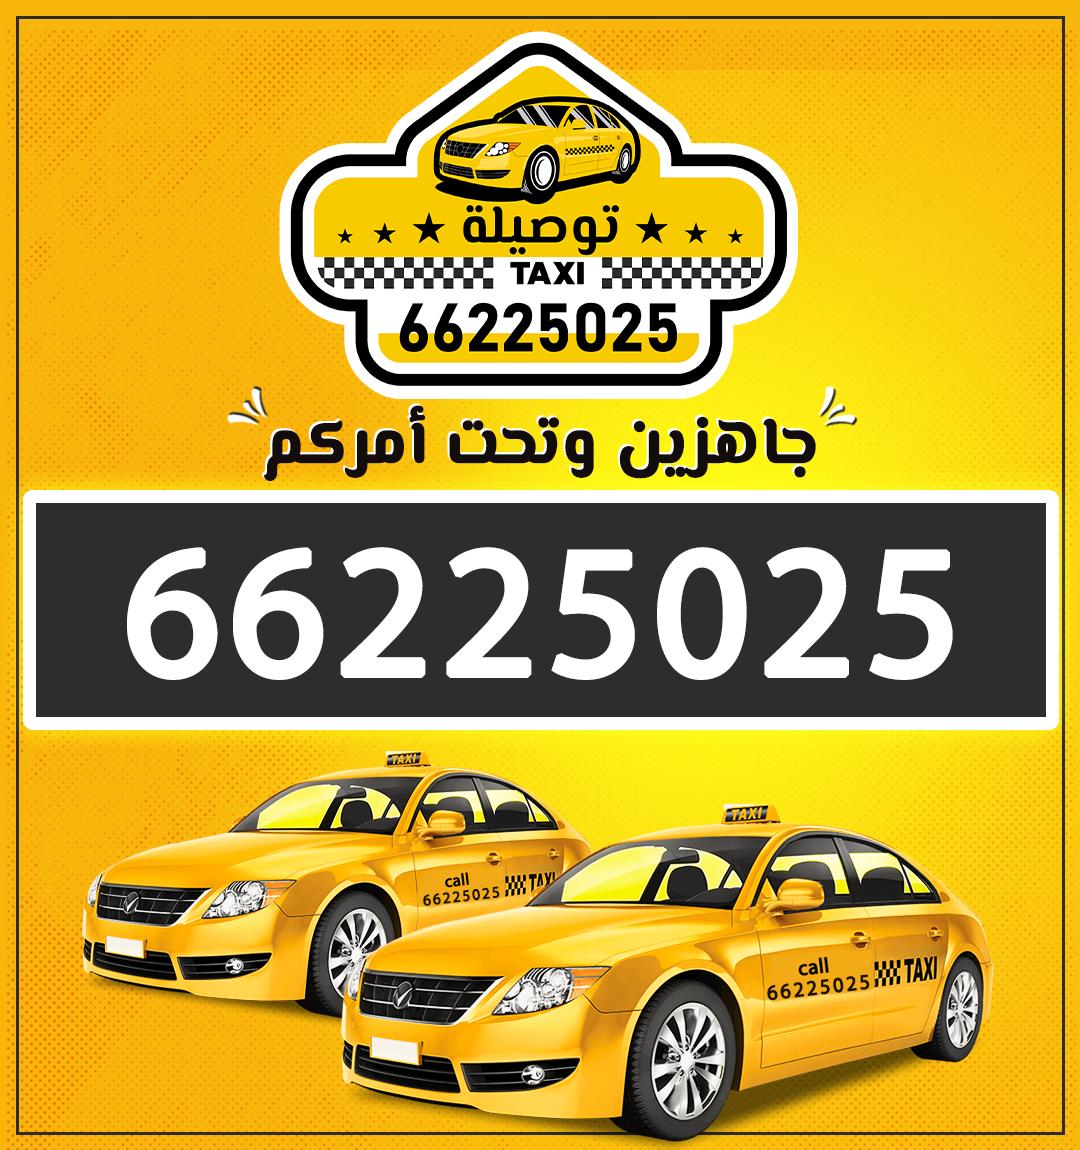 تاكسي توصيلة في شارع يوسف بن تاشفين